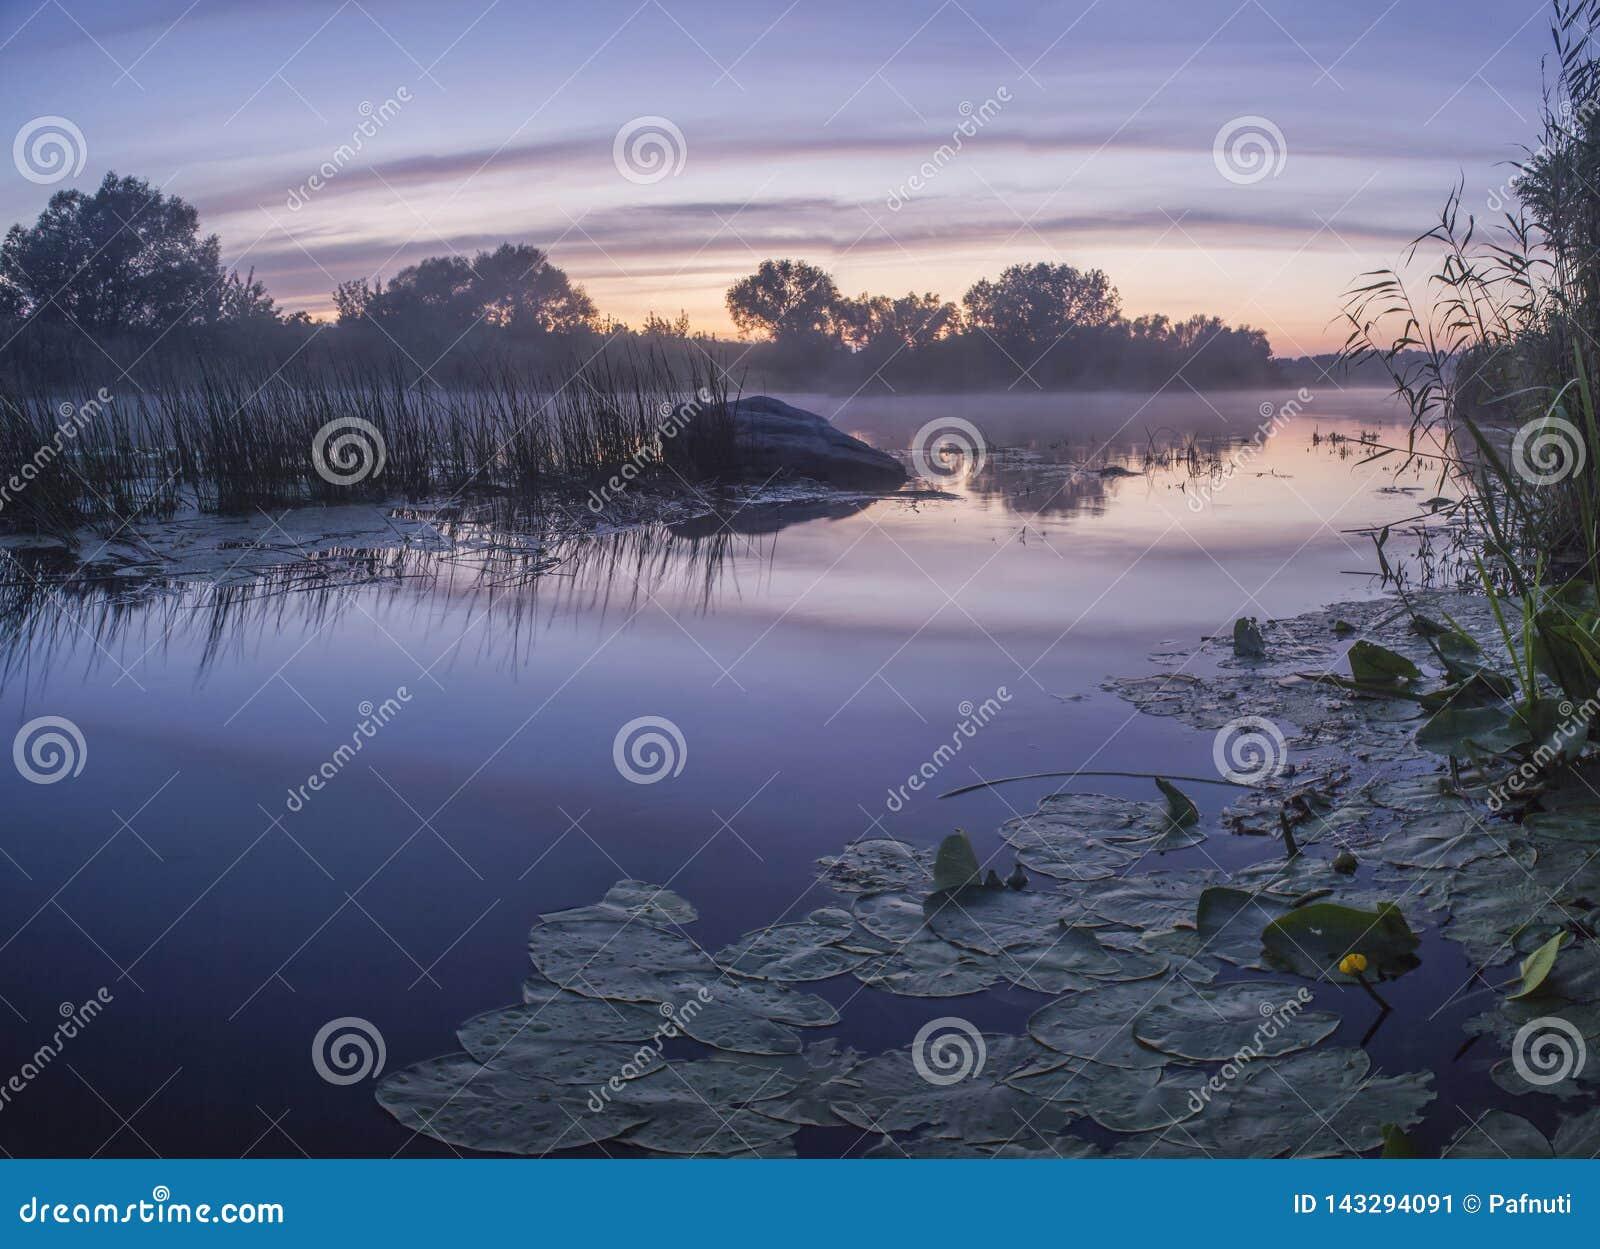 Paesaggio nebbioso di estate con il piccolo fiume della foresta